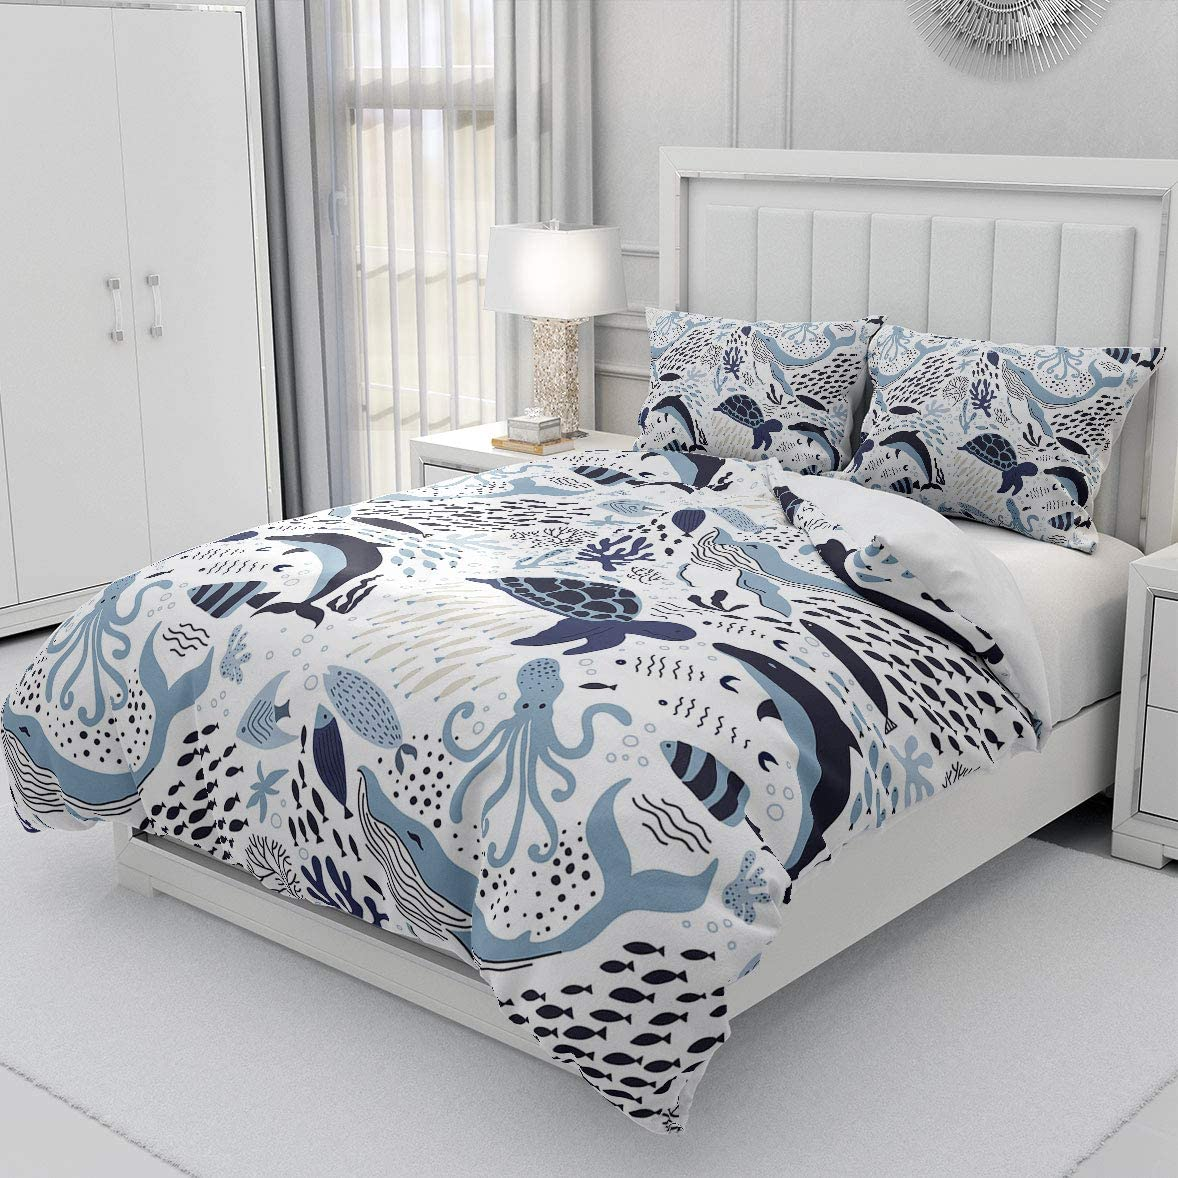 Erosebridal Turtle Bedding Sets Full White Blue Whale Decor Teen Duvet Cover Set,Octopus Pattern Ocean Theme Comforter Cover Set Underwater Children Comforter Cover for Adult Kids Girls Boys